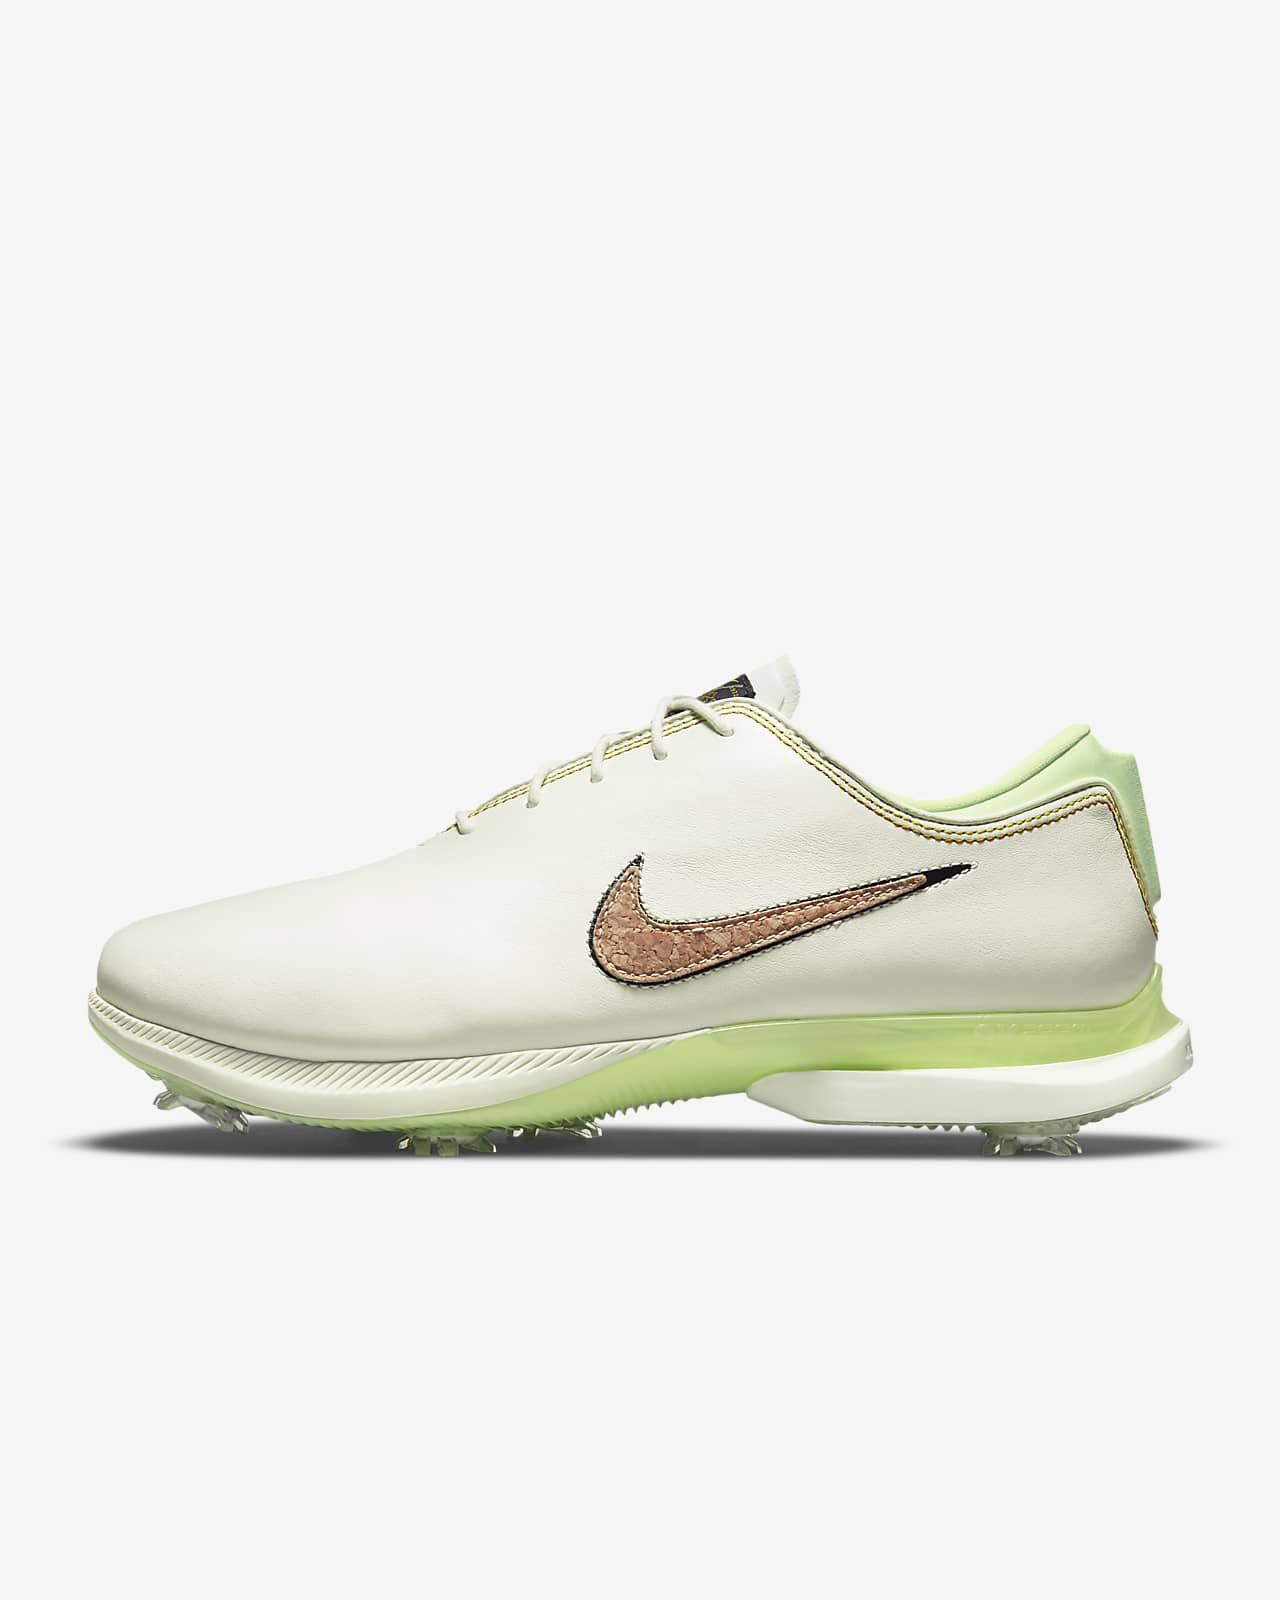 Calzado de golf Nike Air Zoom Victory Tour 2 NRG